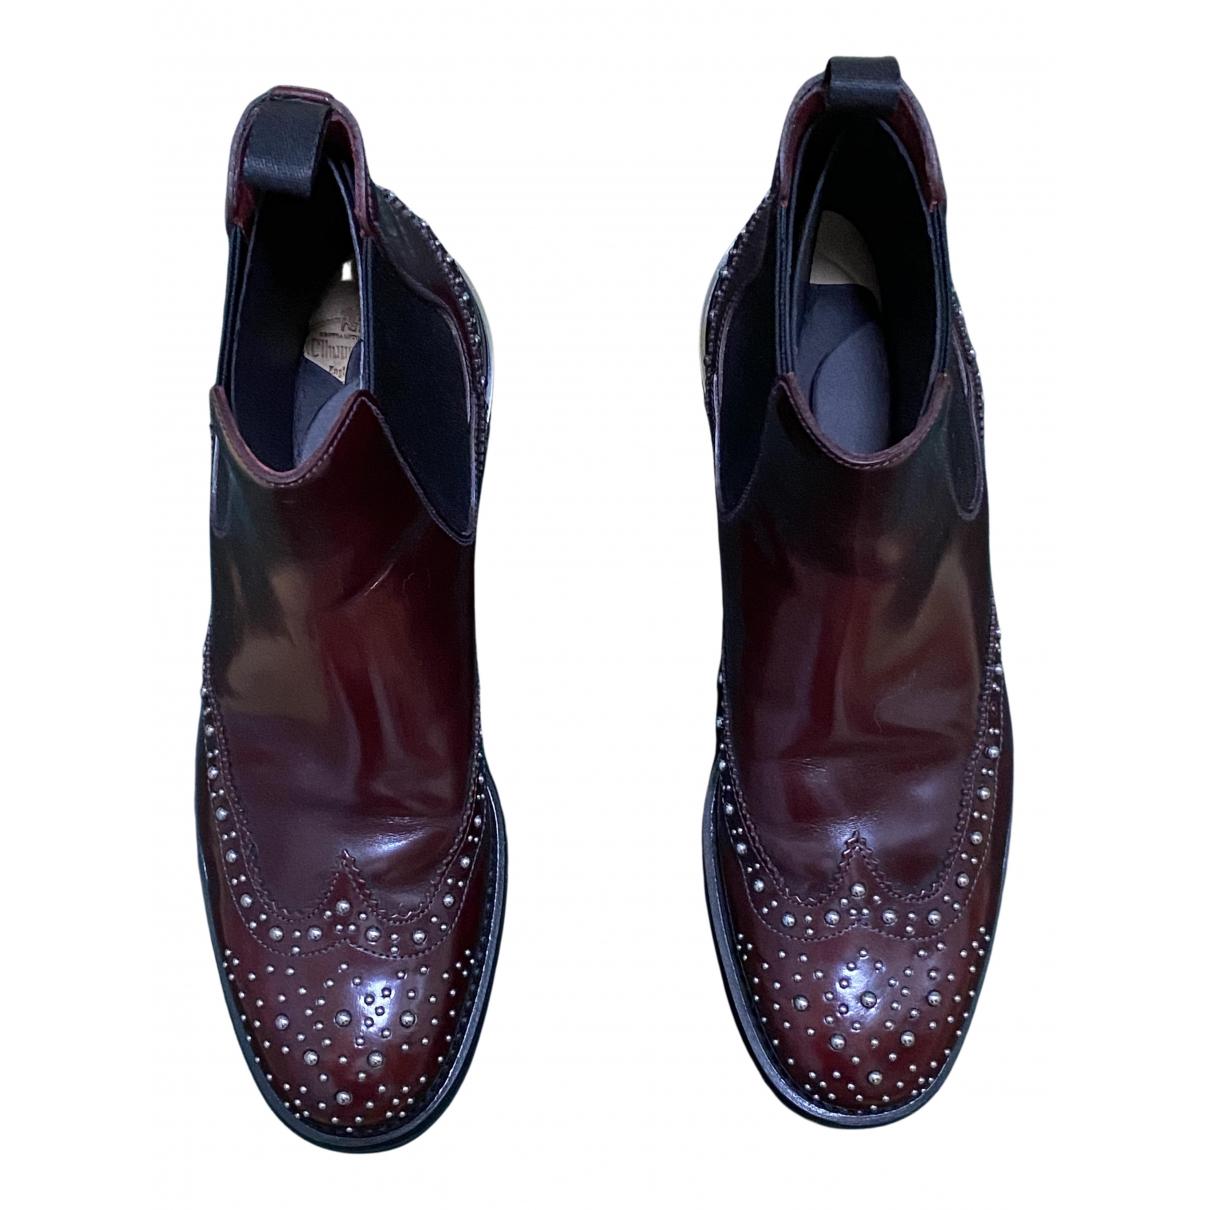 Churchs - Boots   pour femme en cuir - bordeaux